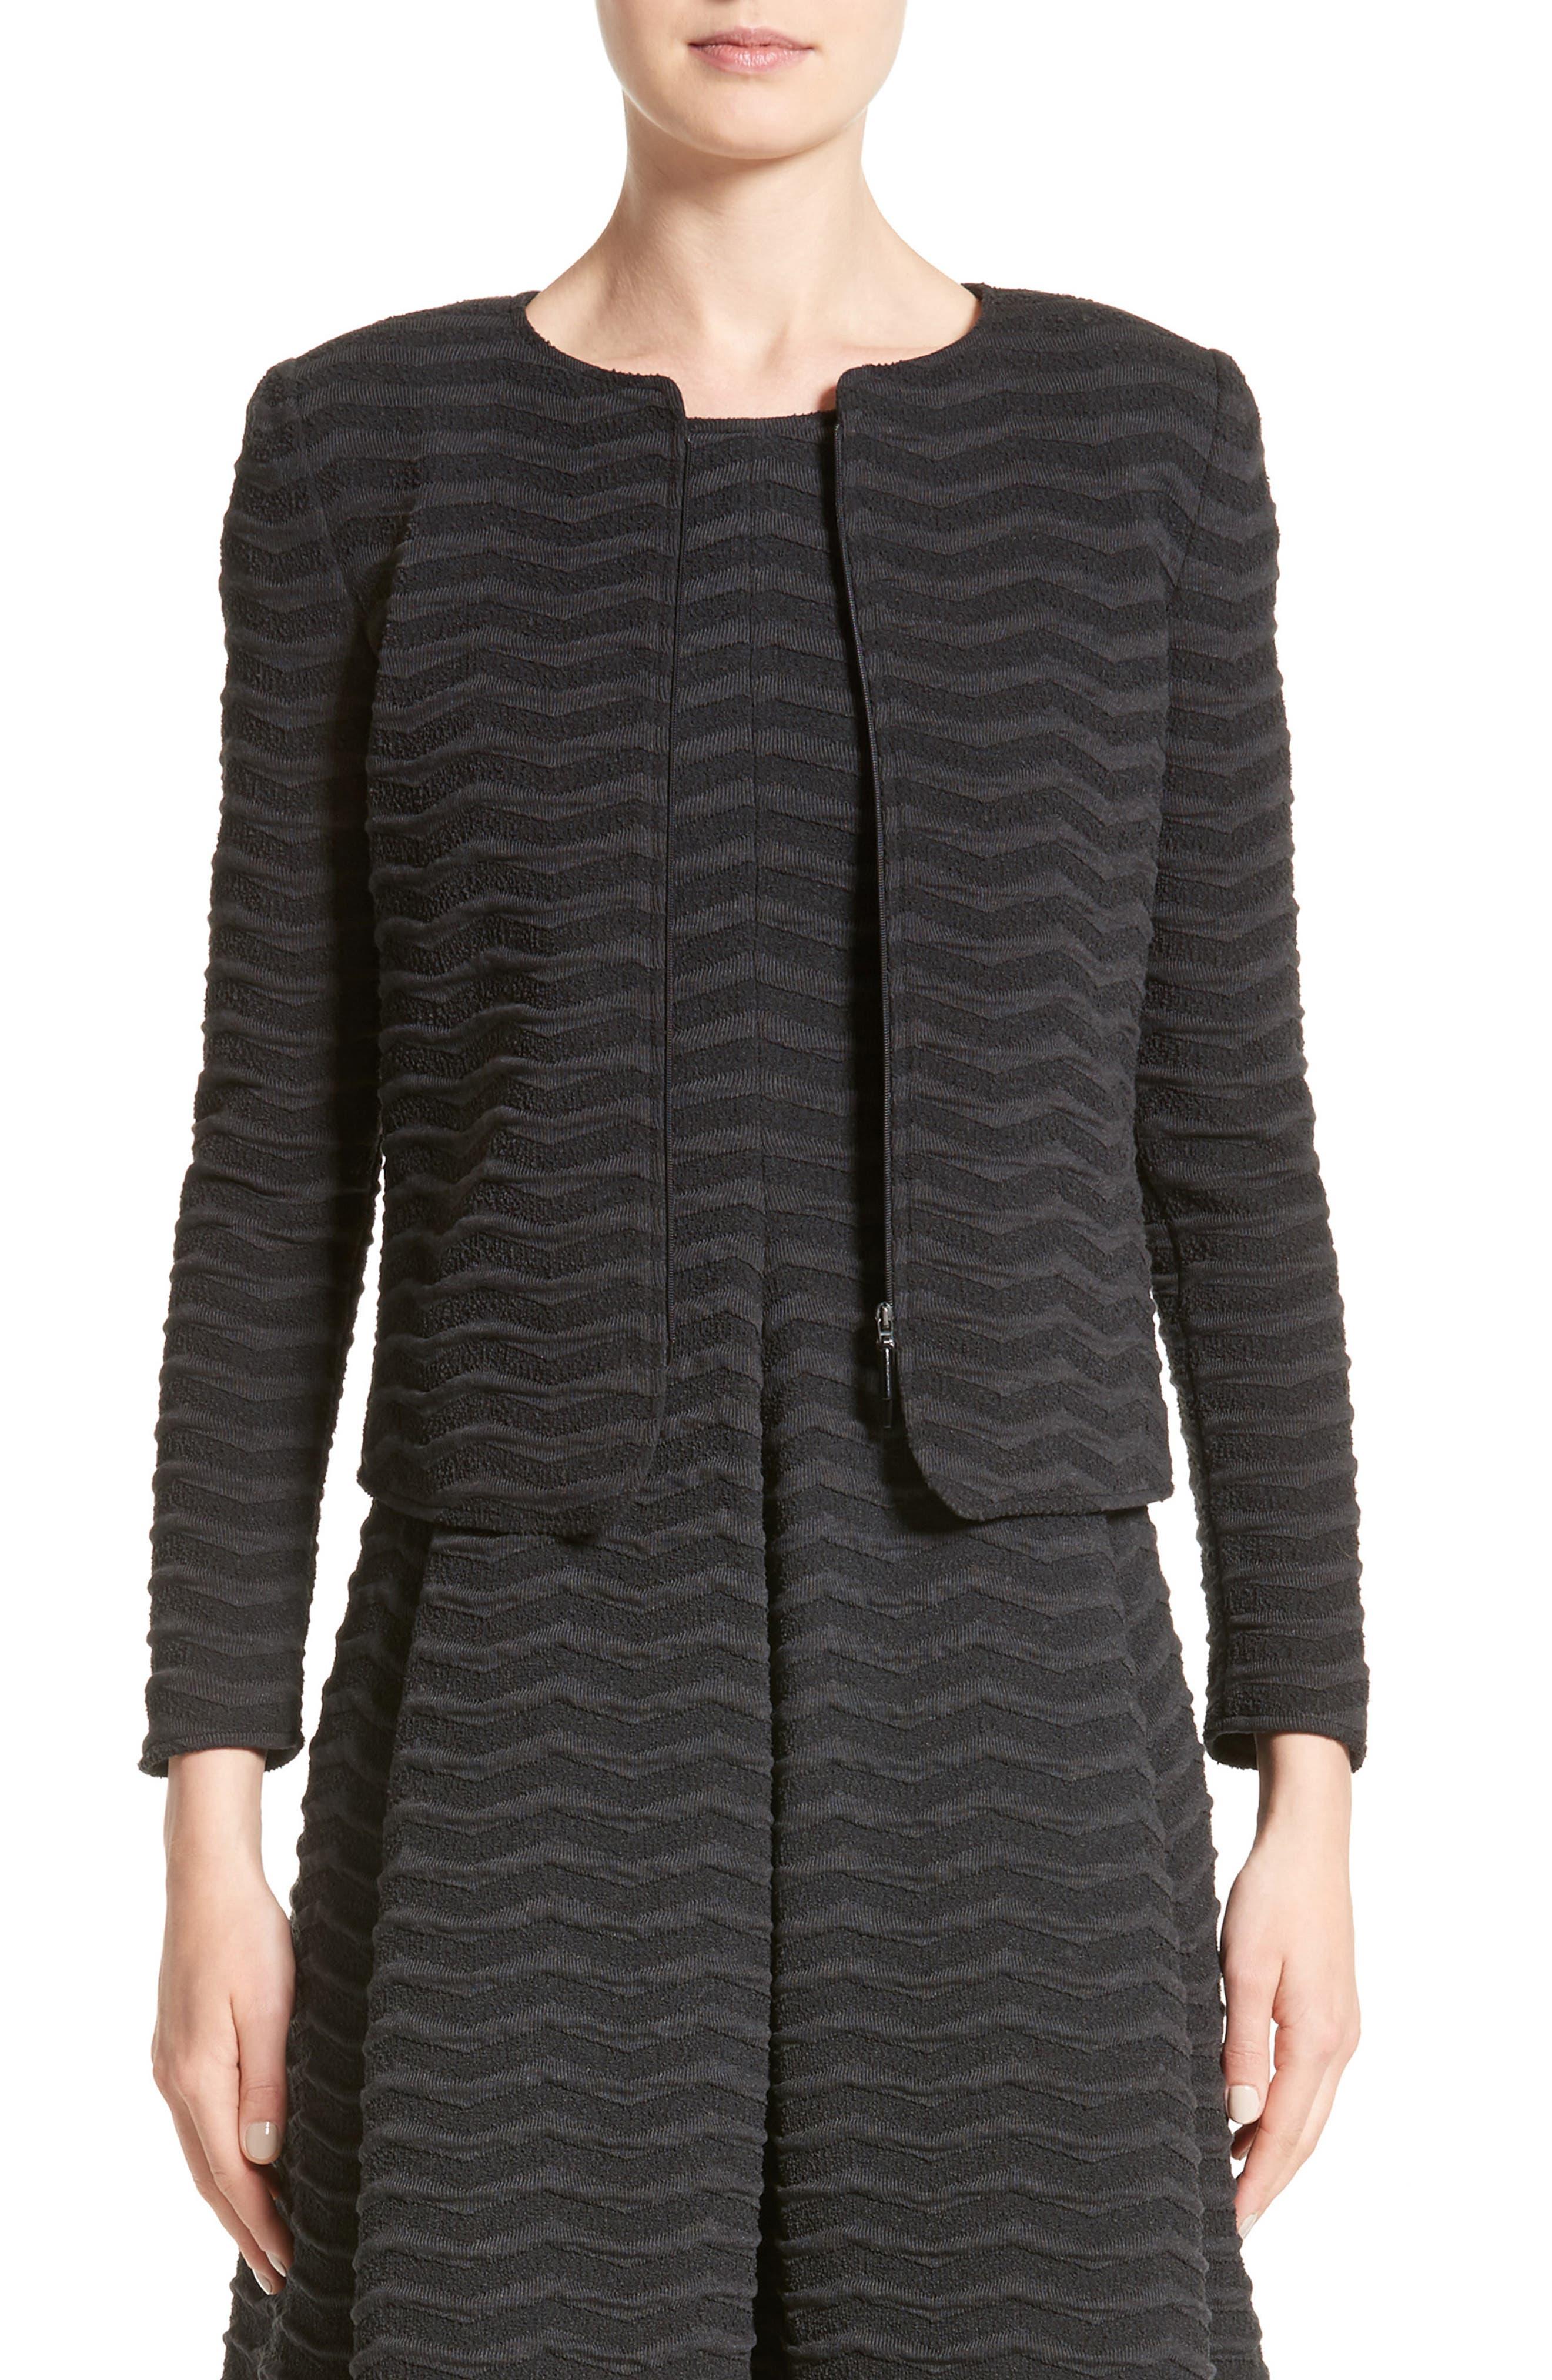 Armani Collezioni Embossed Jacquard Jersey Jacket